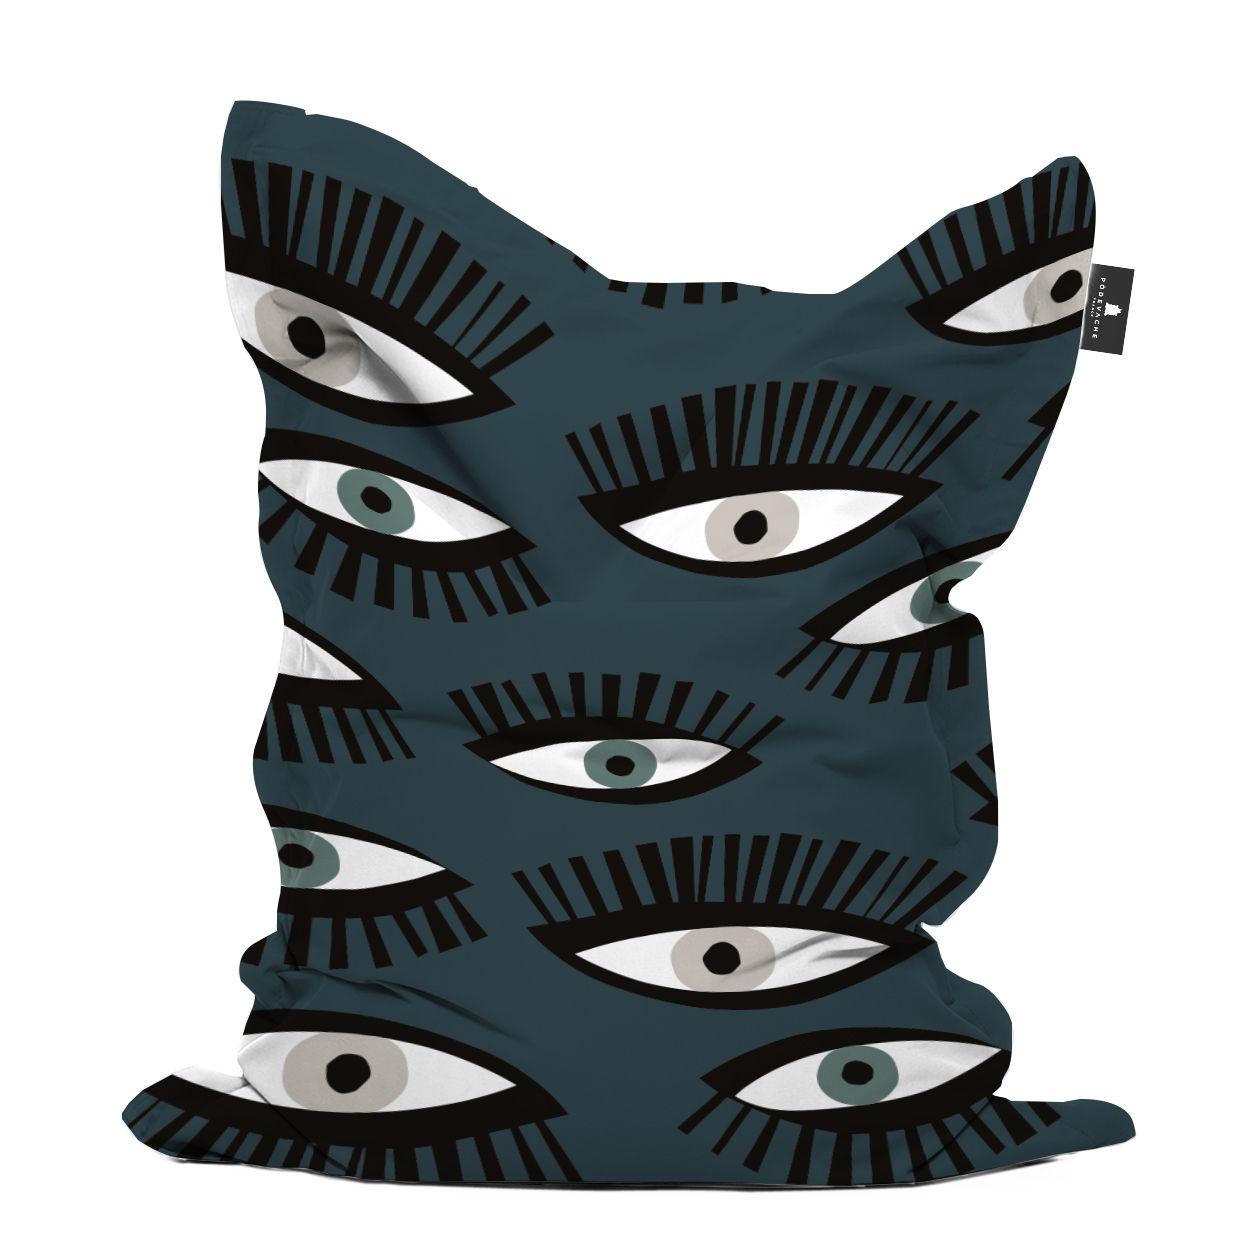 Arredamento - Pouf - Pouf Œil pour œil - / 140 x 180 cm di PÔDEVACHE - Occhio / Blu & nero -  Micro-billes EPS, Poliestere